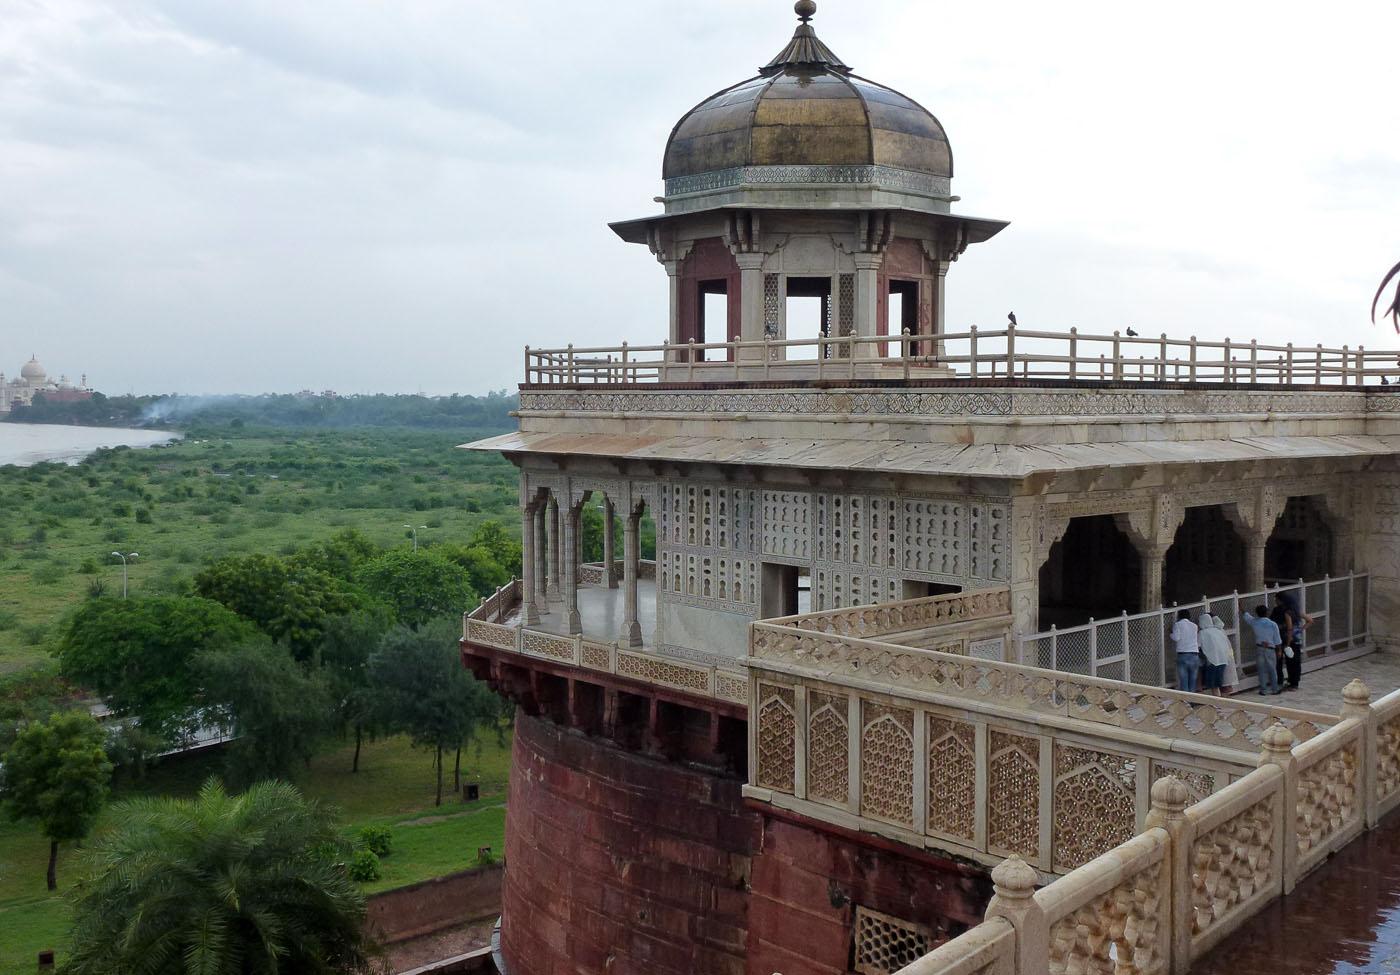 Фотография 7. Отчеты о поездке в Агру - самый знаменитый город Индии. Башня Мусамман-Бурдж, в которой был заточен шах, построивший Тадж-Махал.